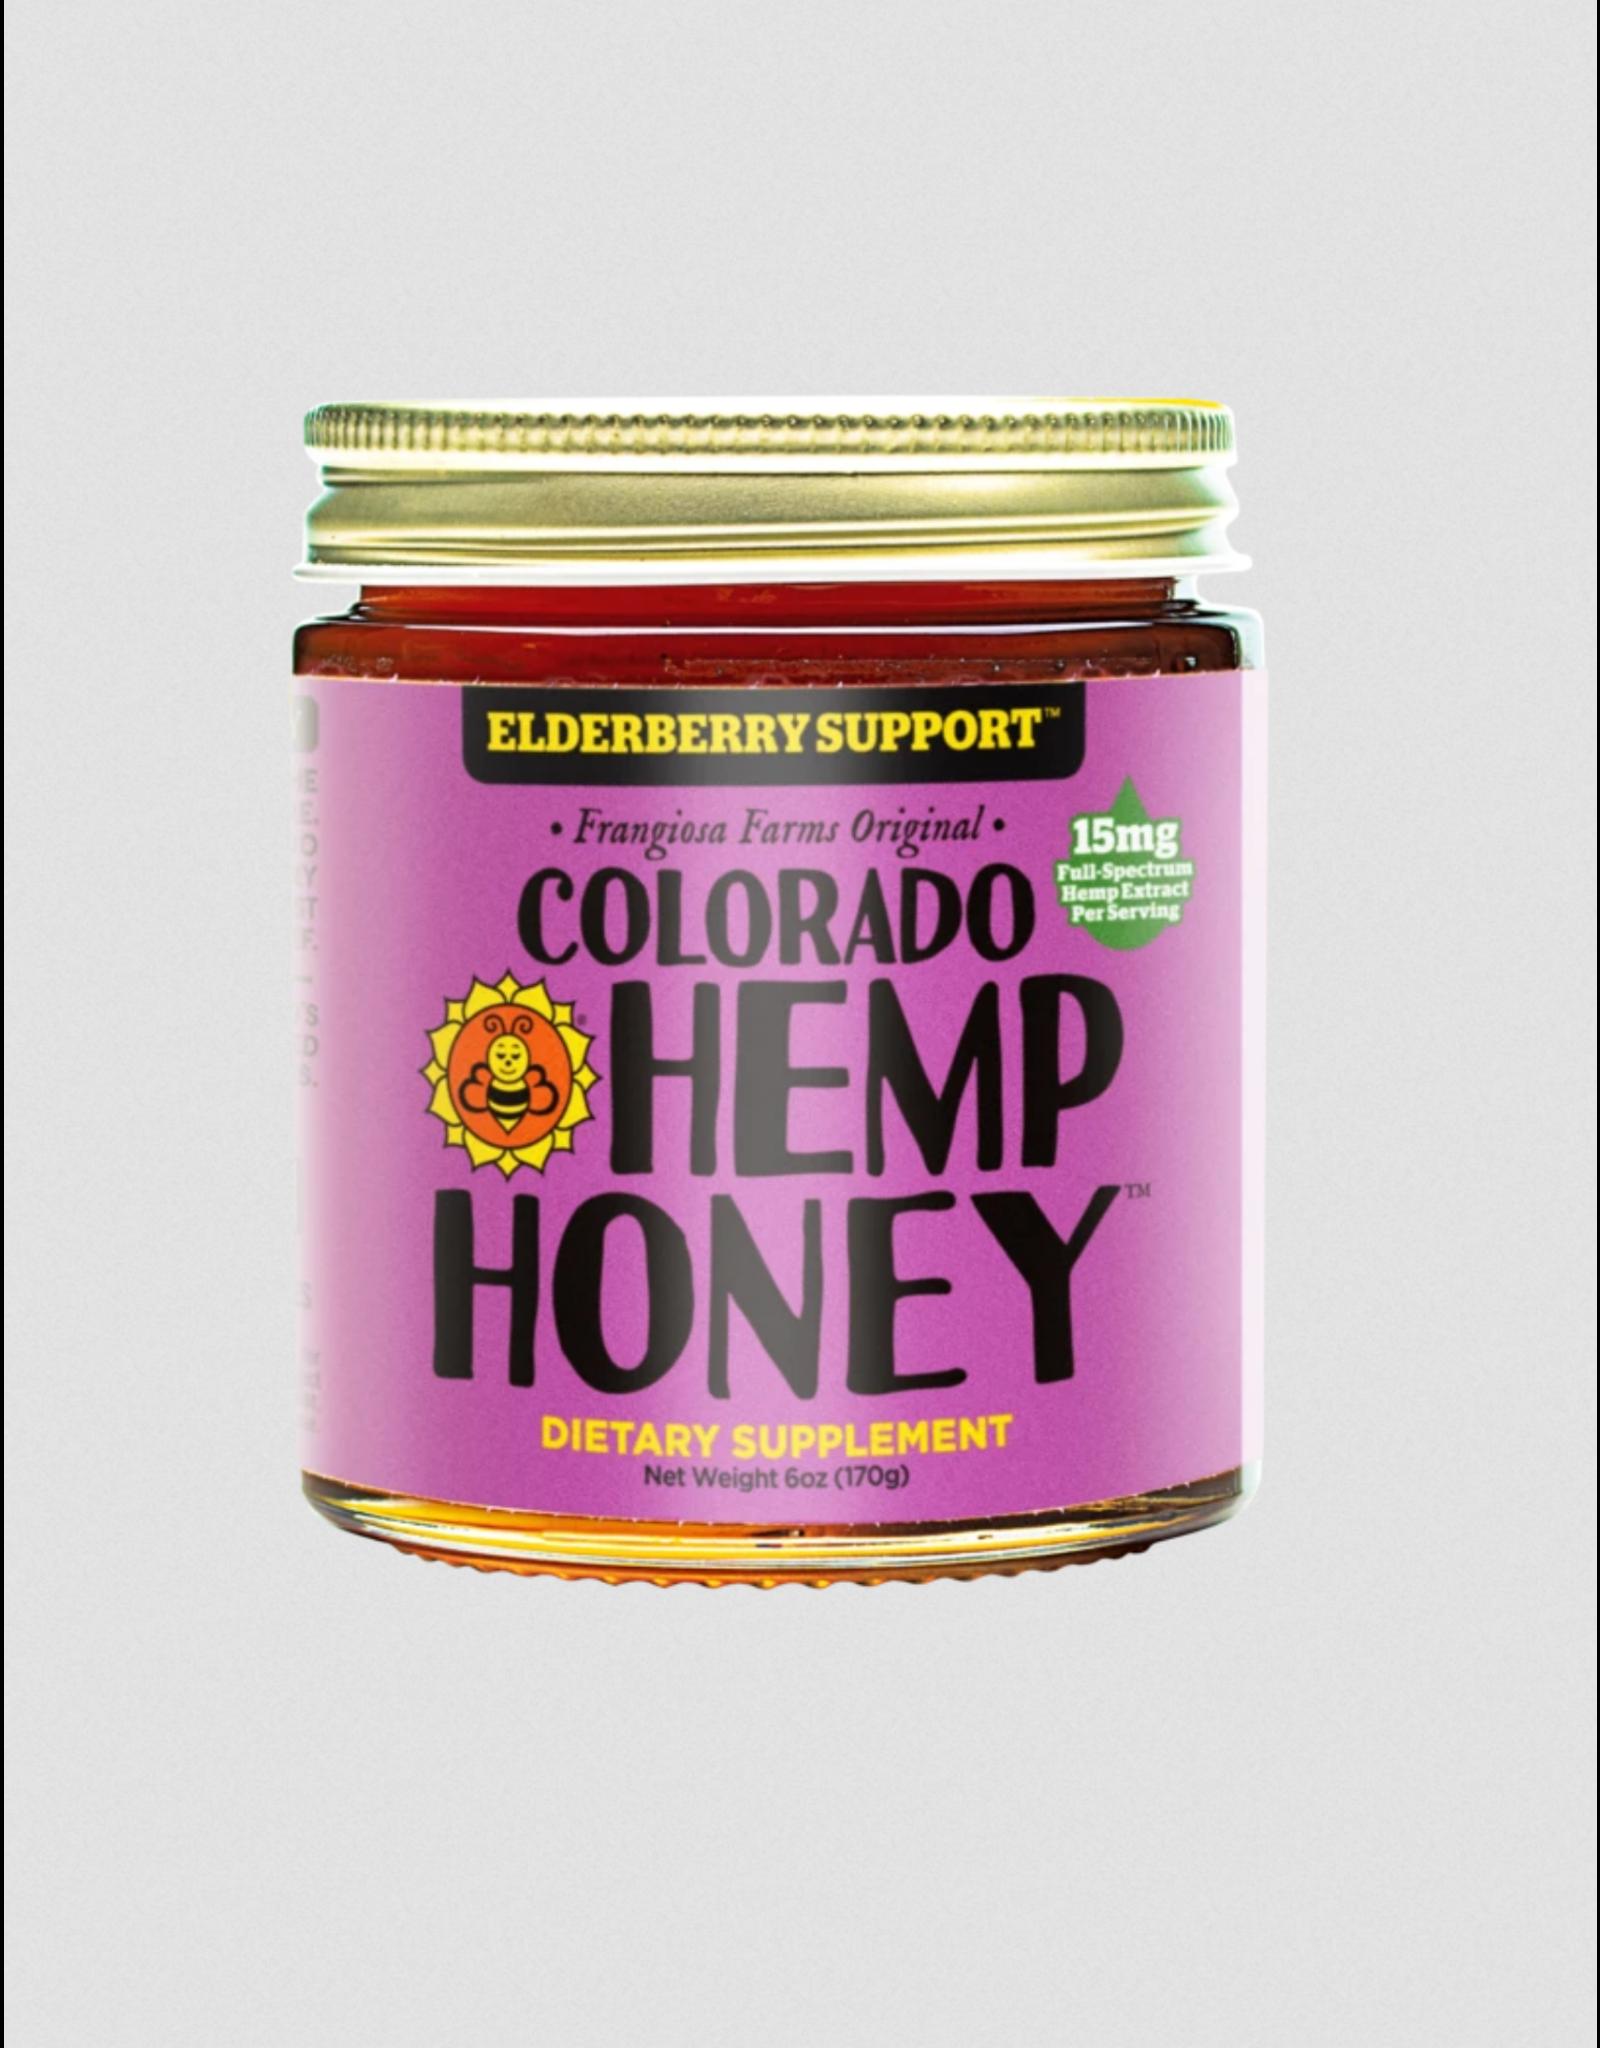 Colorado Hemp Honey Colorado Hemp Honey Elderberry Support 6oz